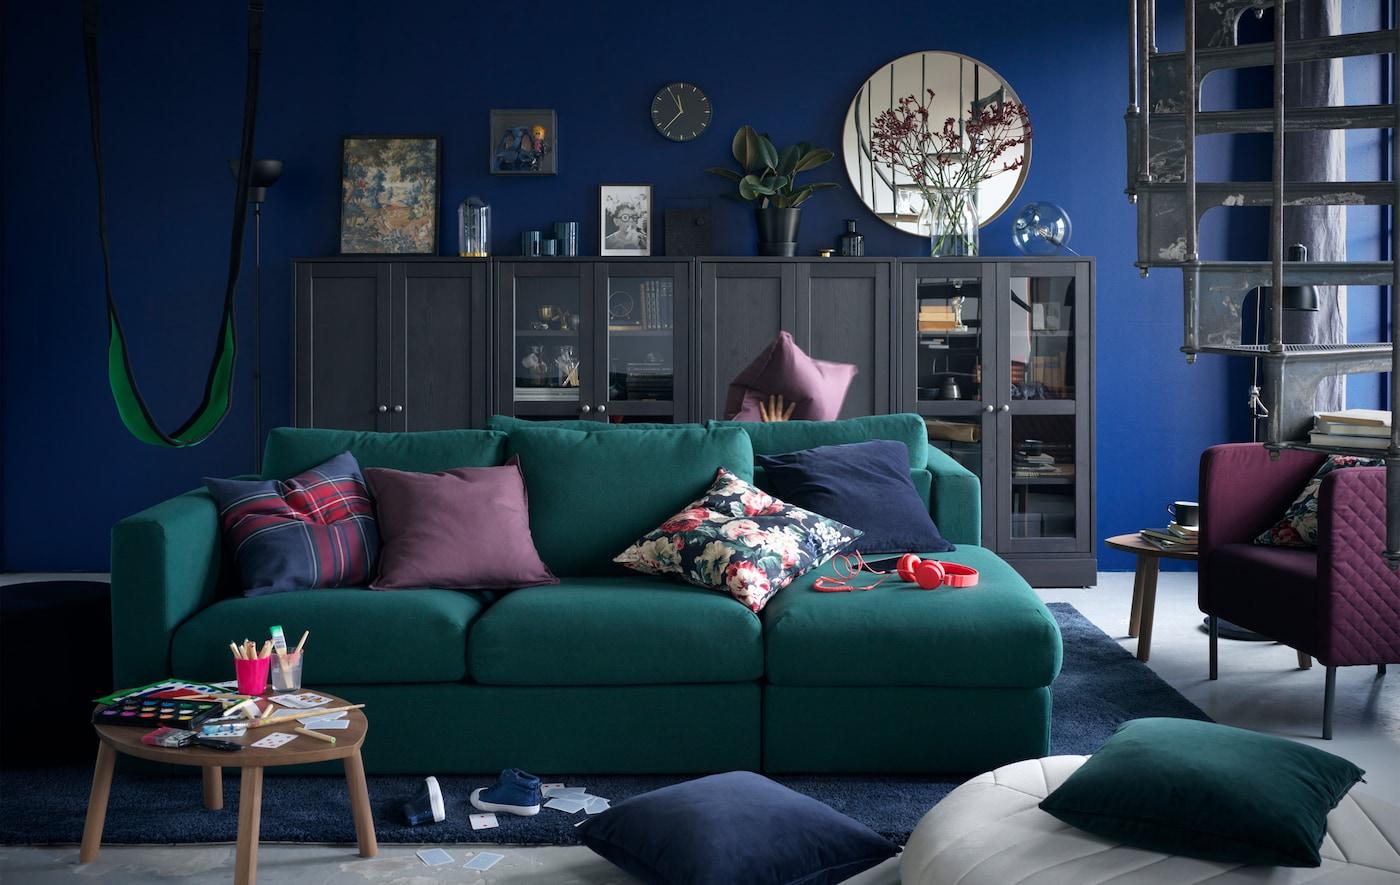 Dunkelgrünes VIMLE Sofa in einem Wohnzimmer mit grauer Vitrinen-Kommode vor einer dunkelblauen Wand